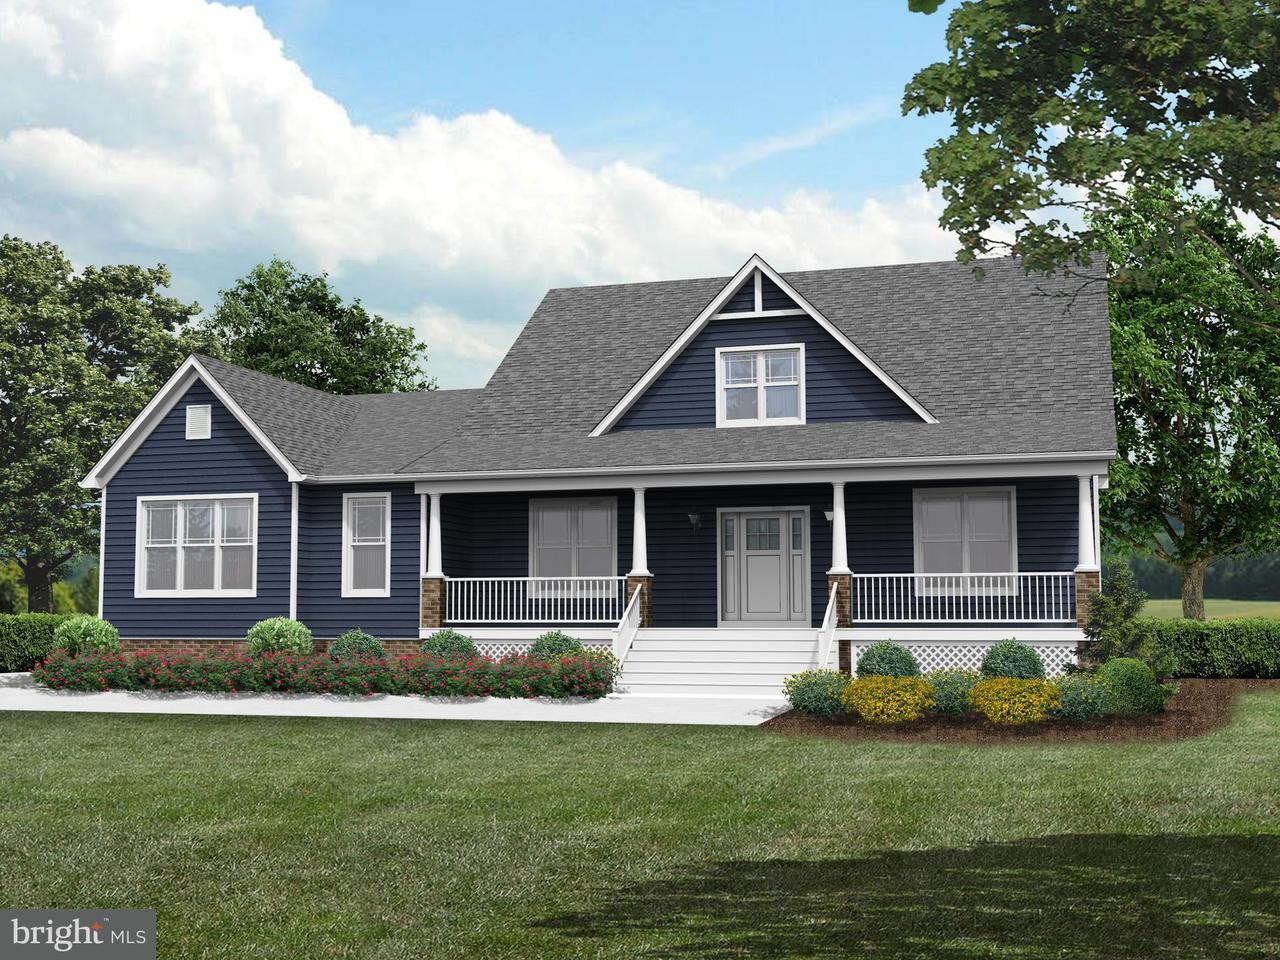 단독 가정 주택 용 매매 에 3060 Par Three Place 3060 Par Three Place Louisa, 버지니아 23093 미국